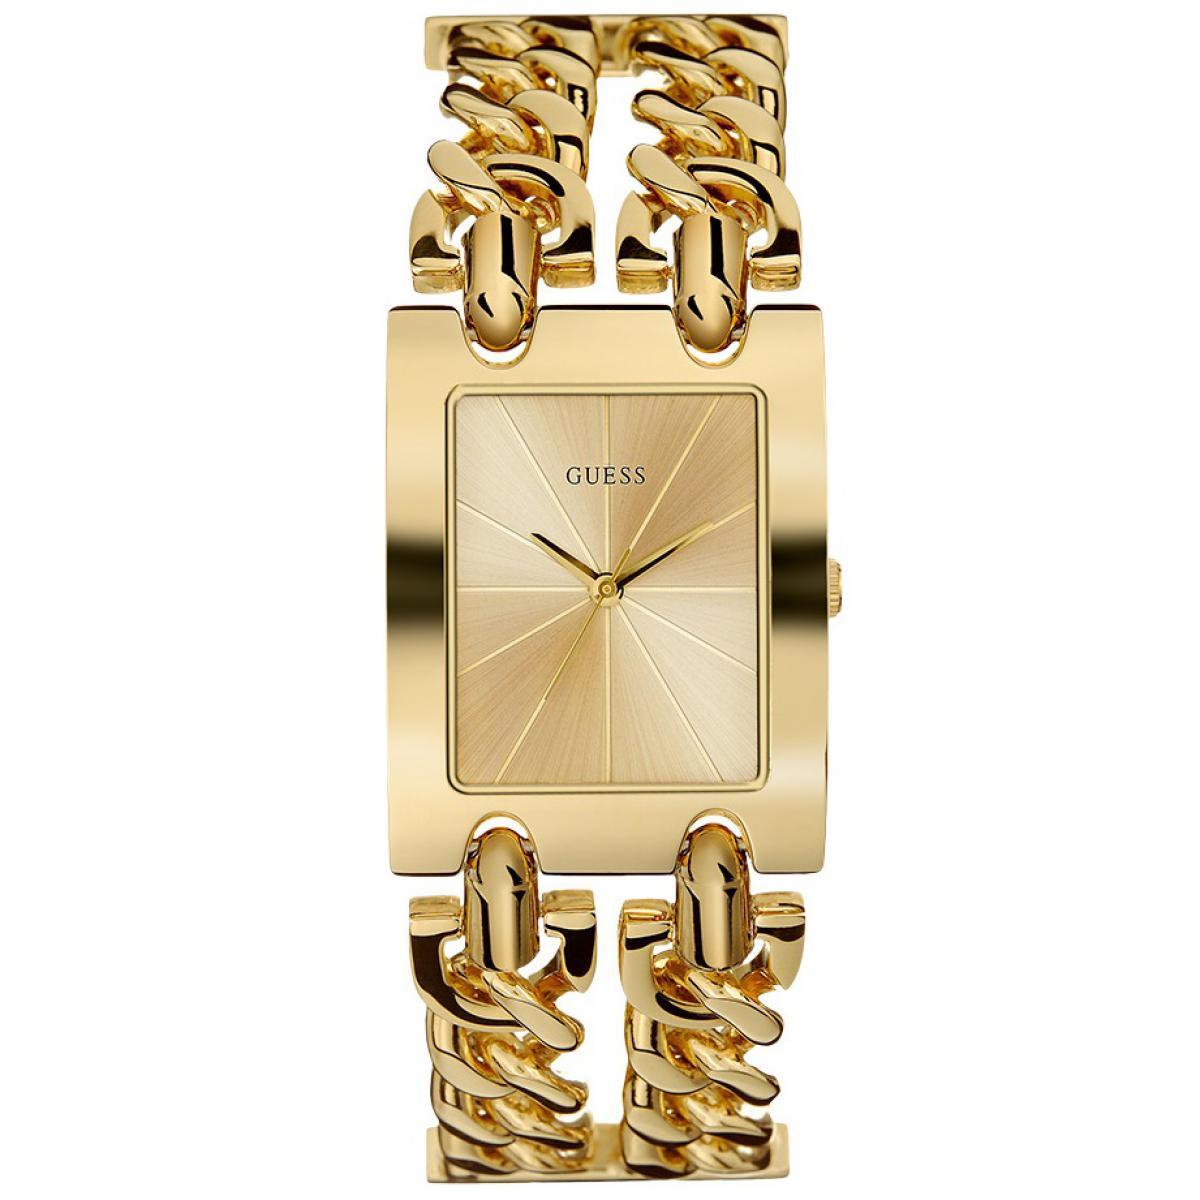 Montre Guess W1117L2 MOD HEAVY METAL Acier Doré Double Bracelet Chaîne Femme 45 (1 avis)